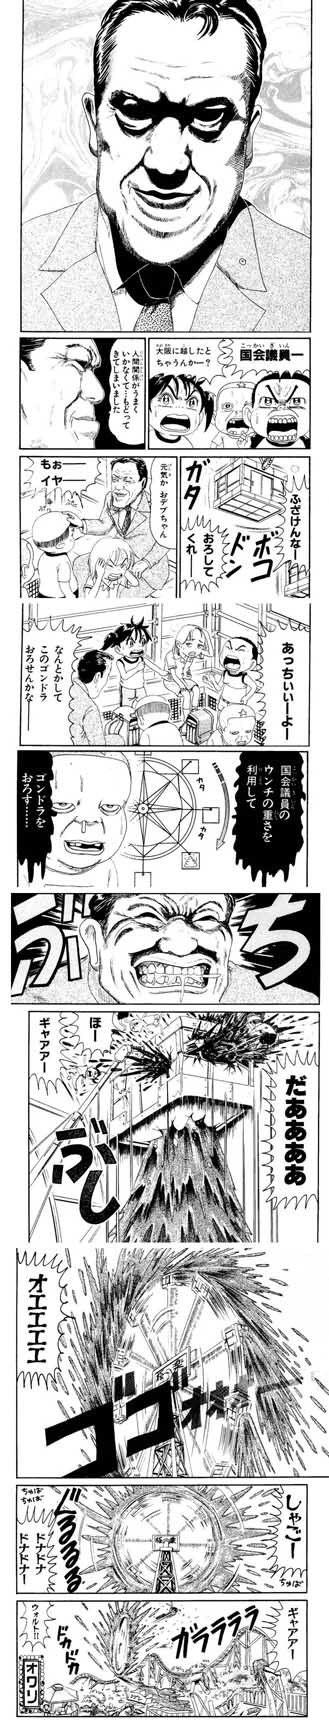 浦安鉄筋家族とかいうキャラの性格が変わりすぎた漫画